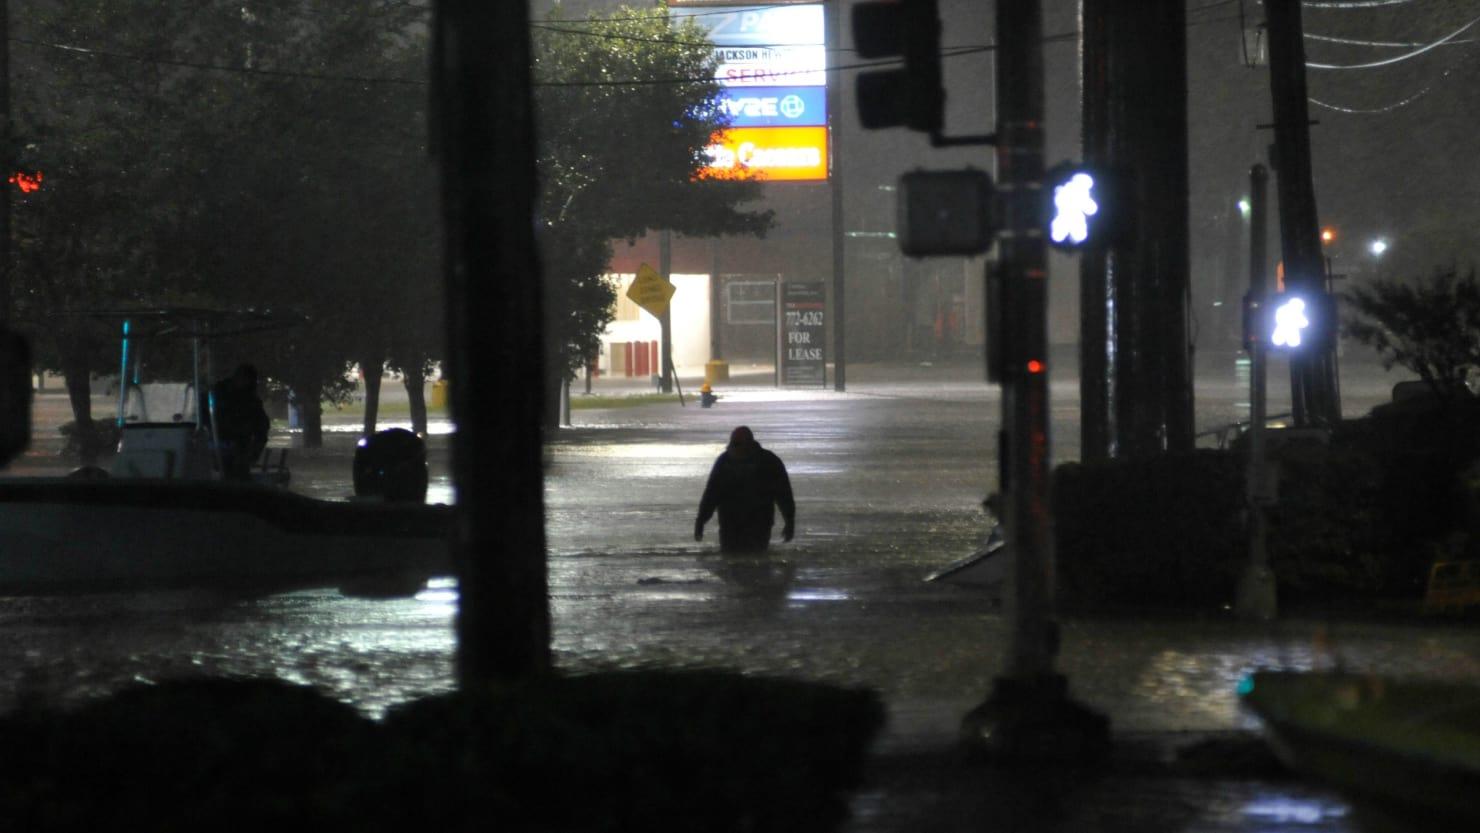 Houston áp đặt lệnh giới nghiêm để ngăn chặn cướp bóc và hôi của